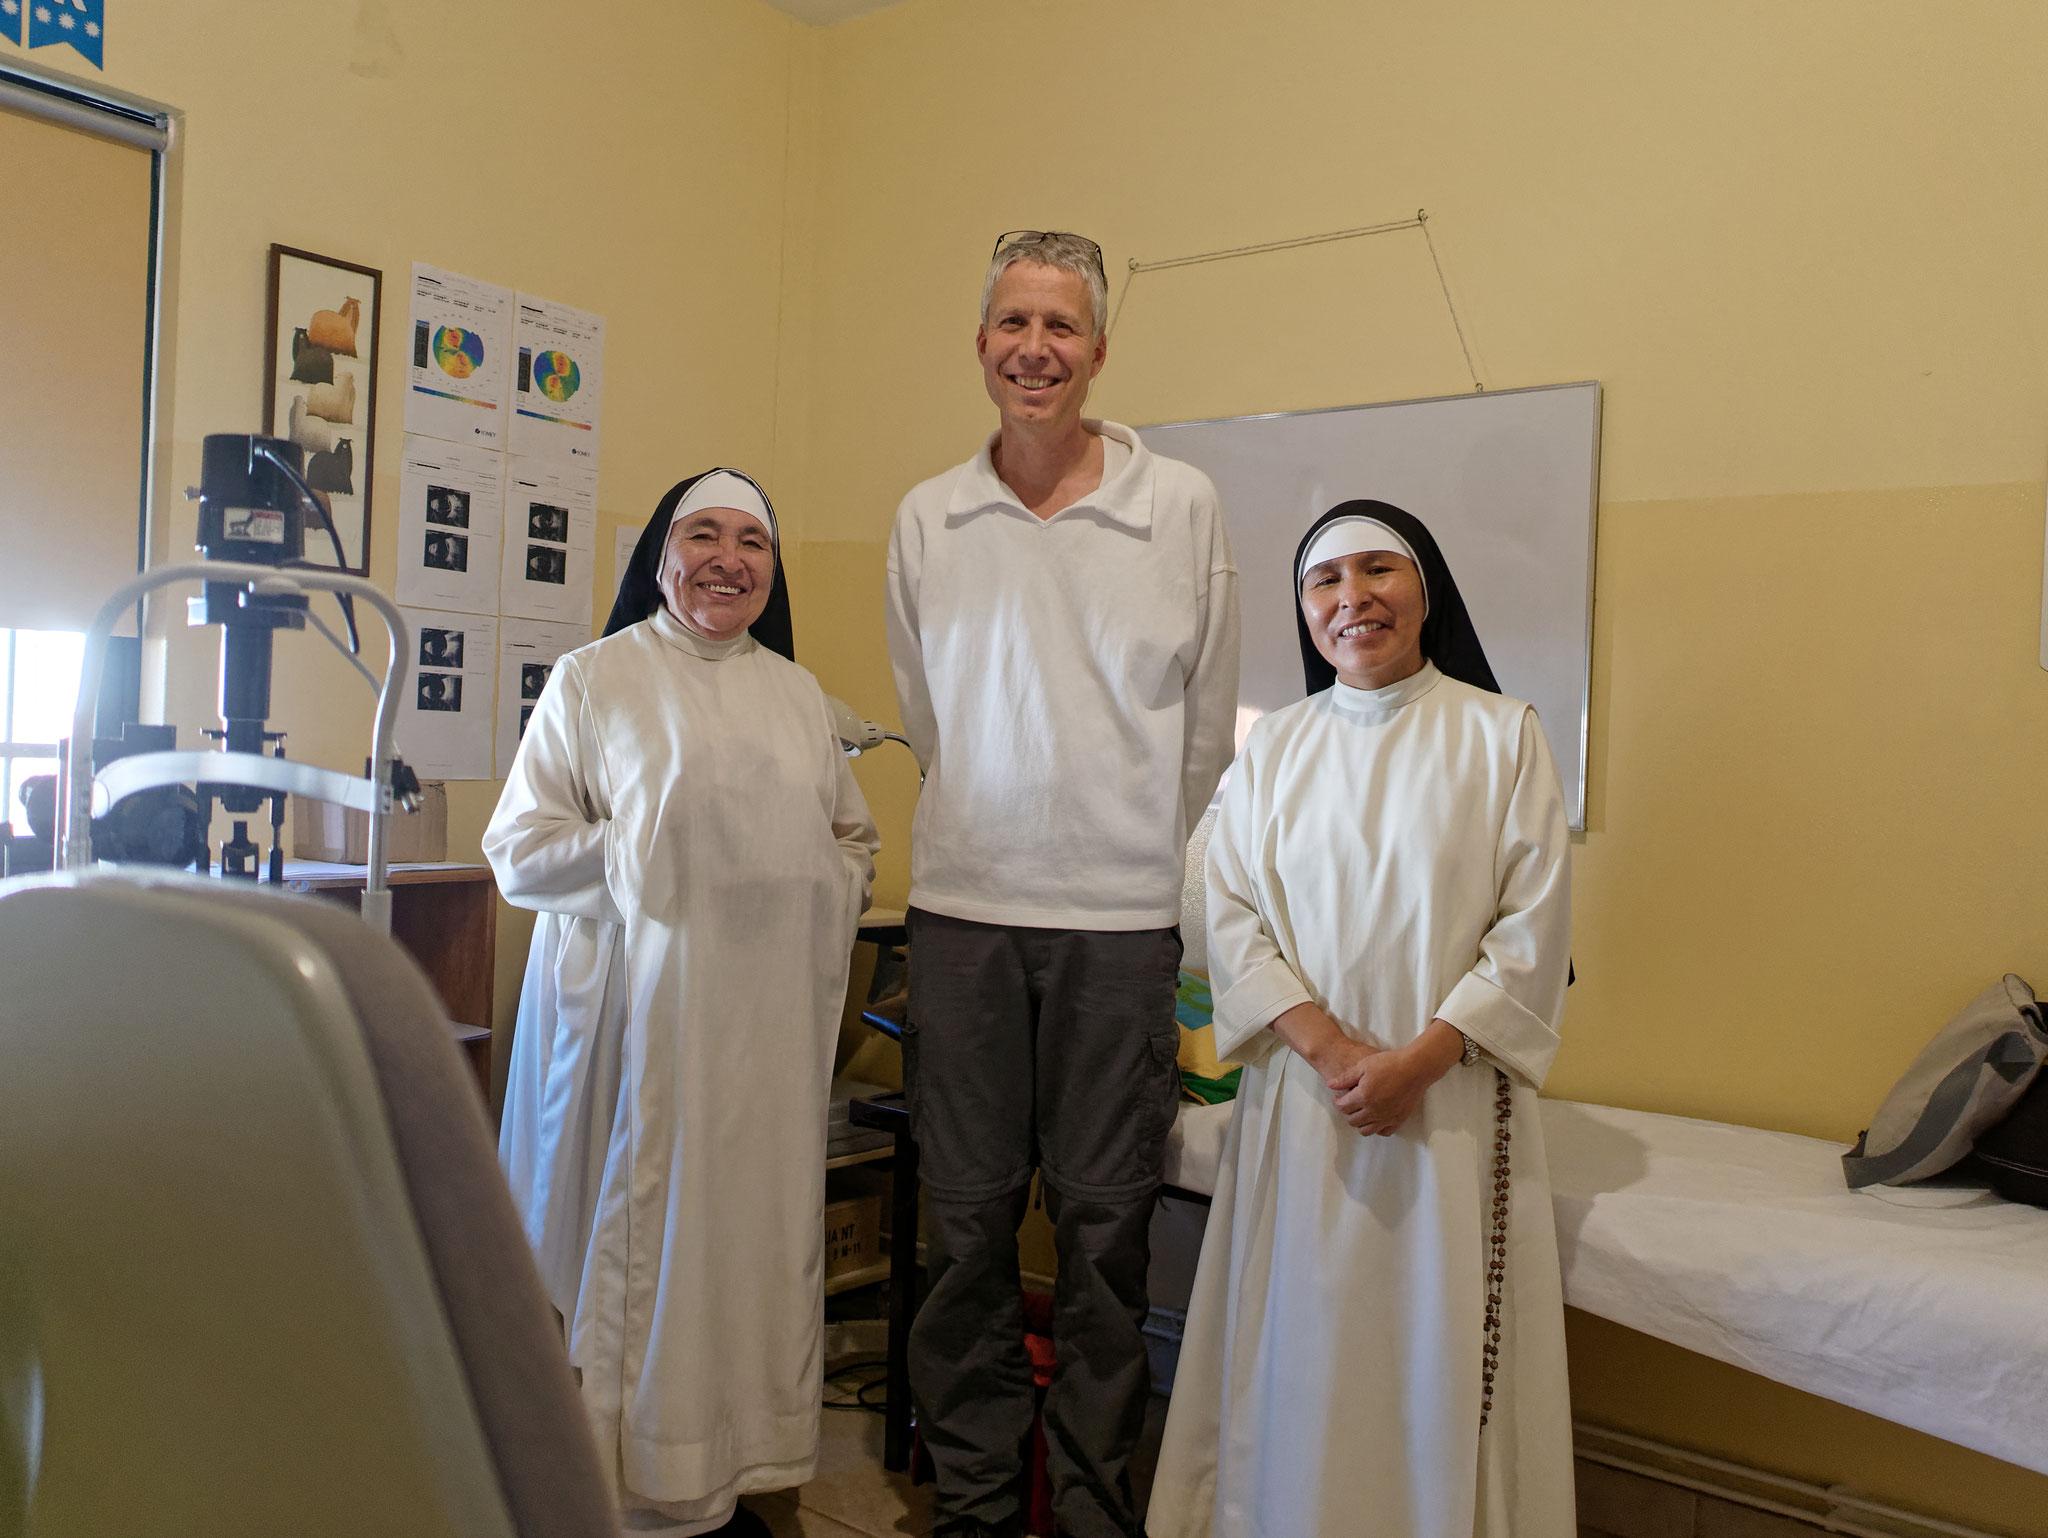 Hoher geistlicher Besuch aus Abancay. Einige Male waren Ordensschwestern aus Abancay Patientinnen von Werner.